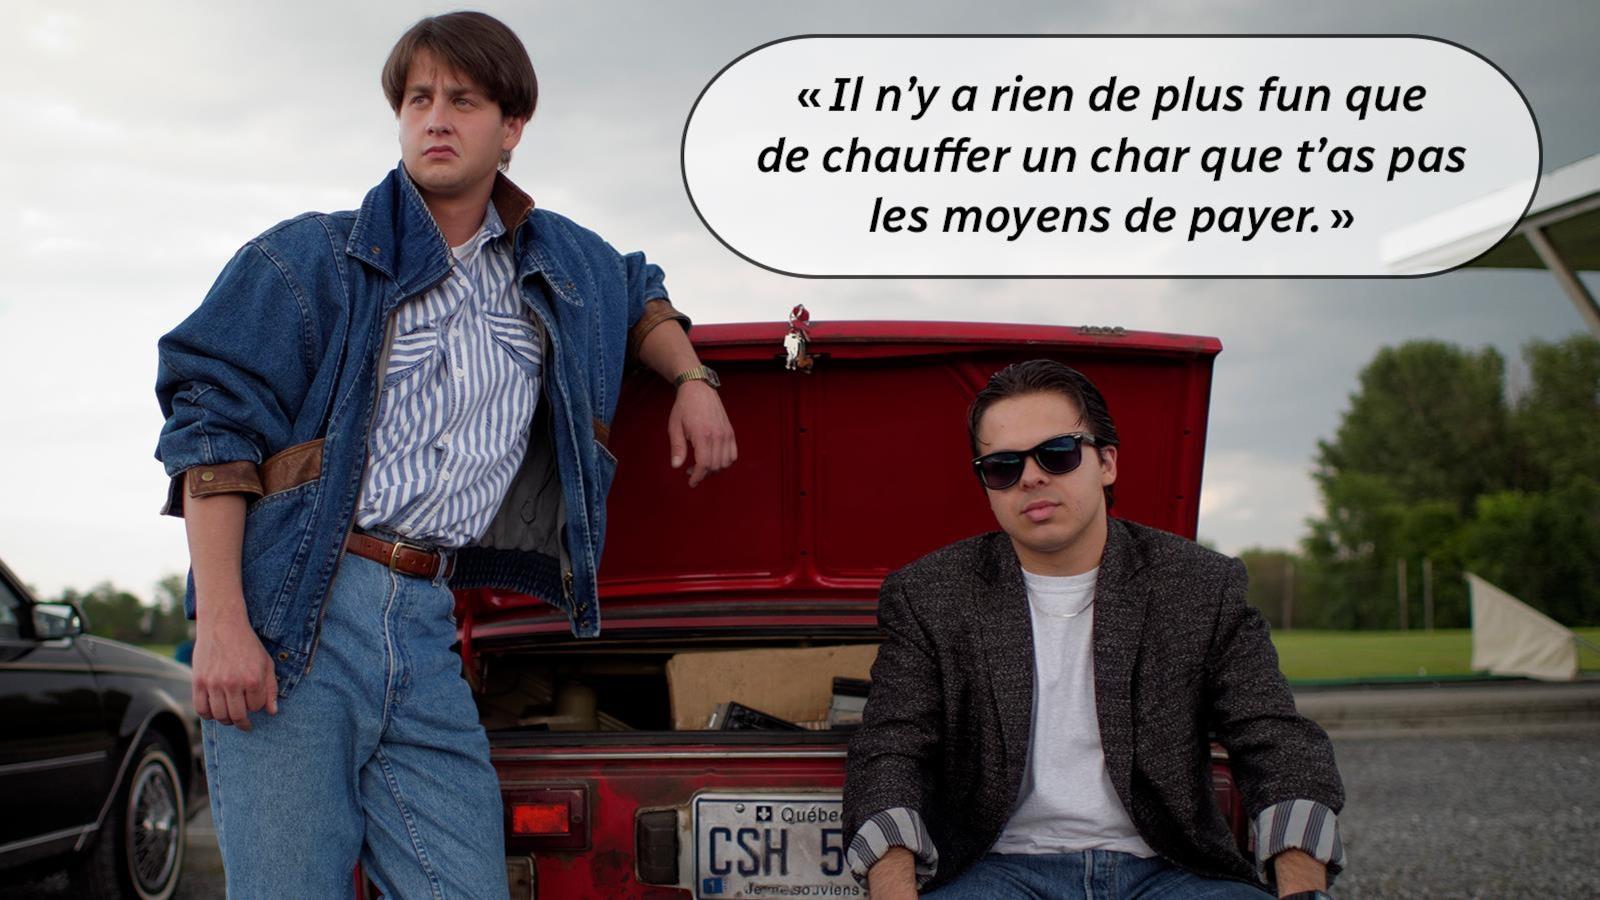 Deux jeunes hommes devant une voiture rouge, le coffre ouvert.